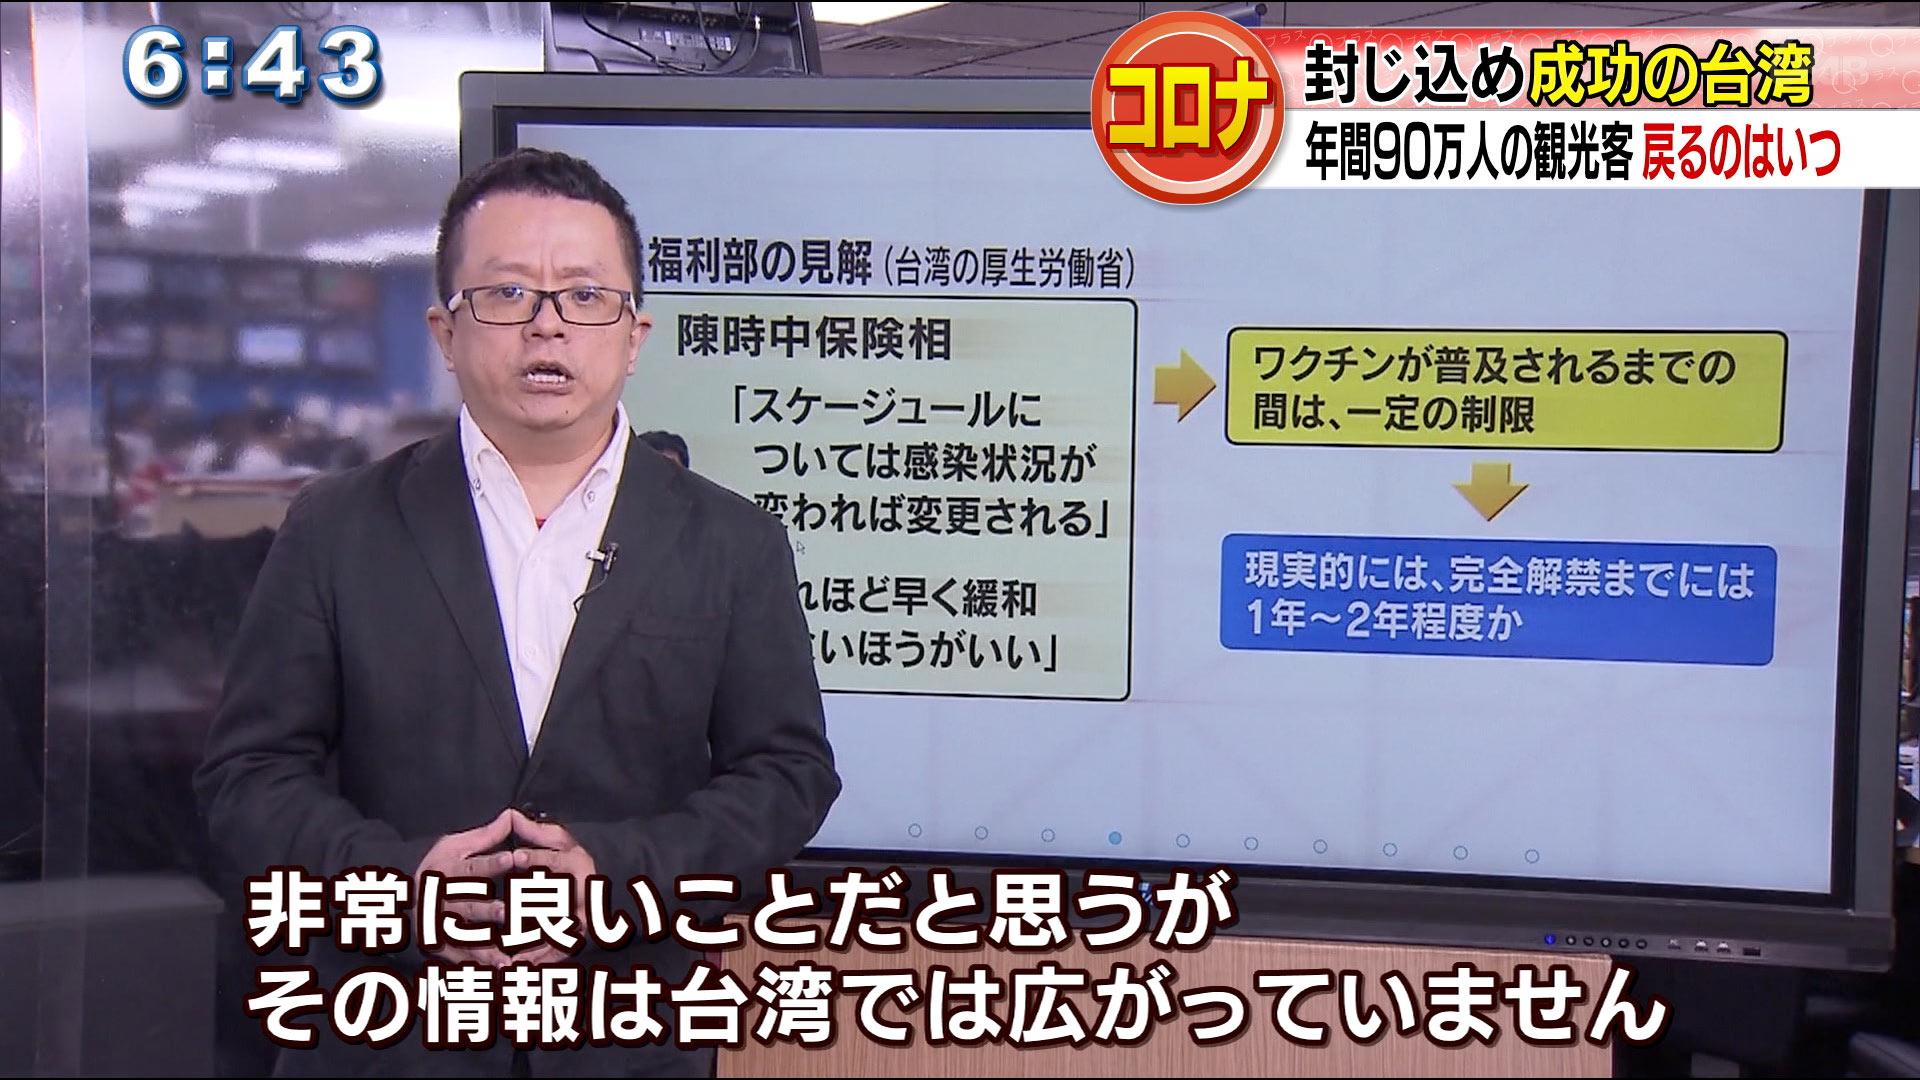 コロナ対策最前線の台湾は今沖縄をどう見ている?